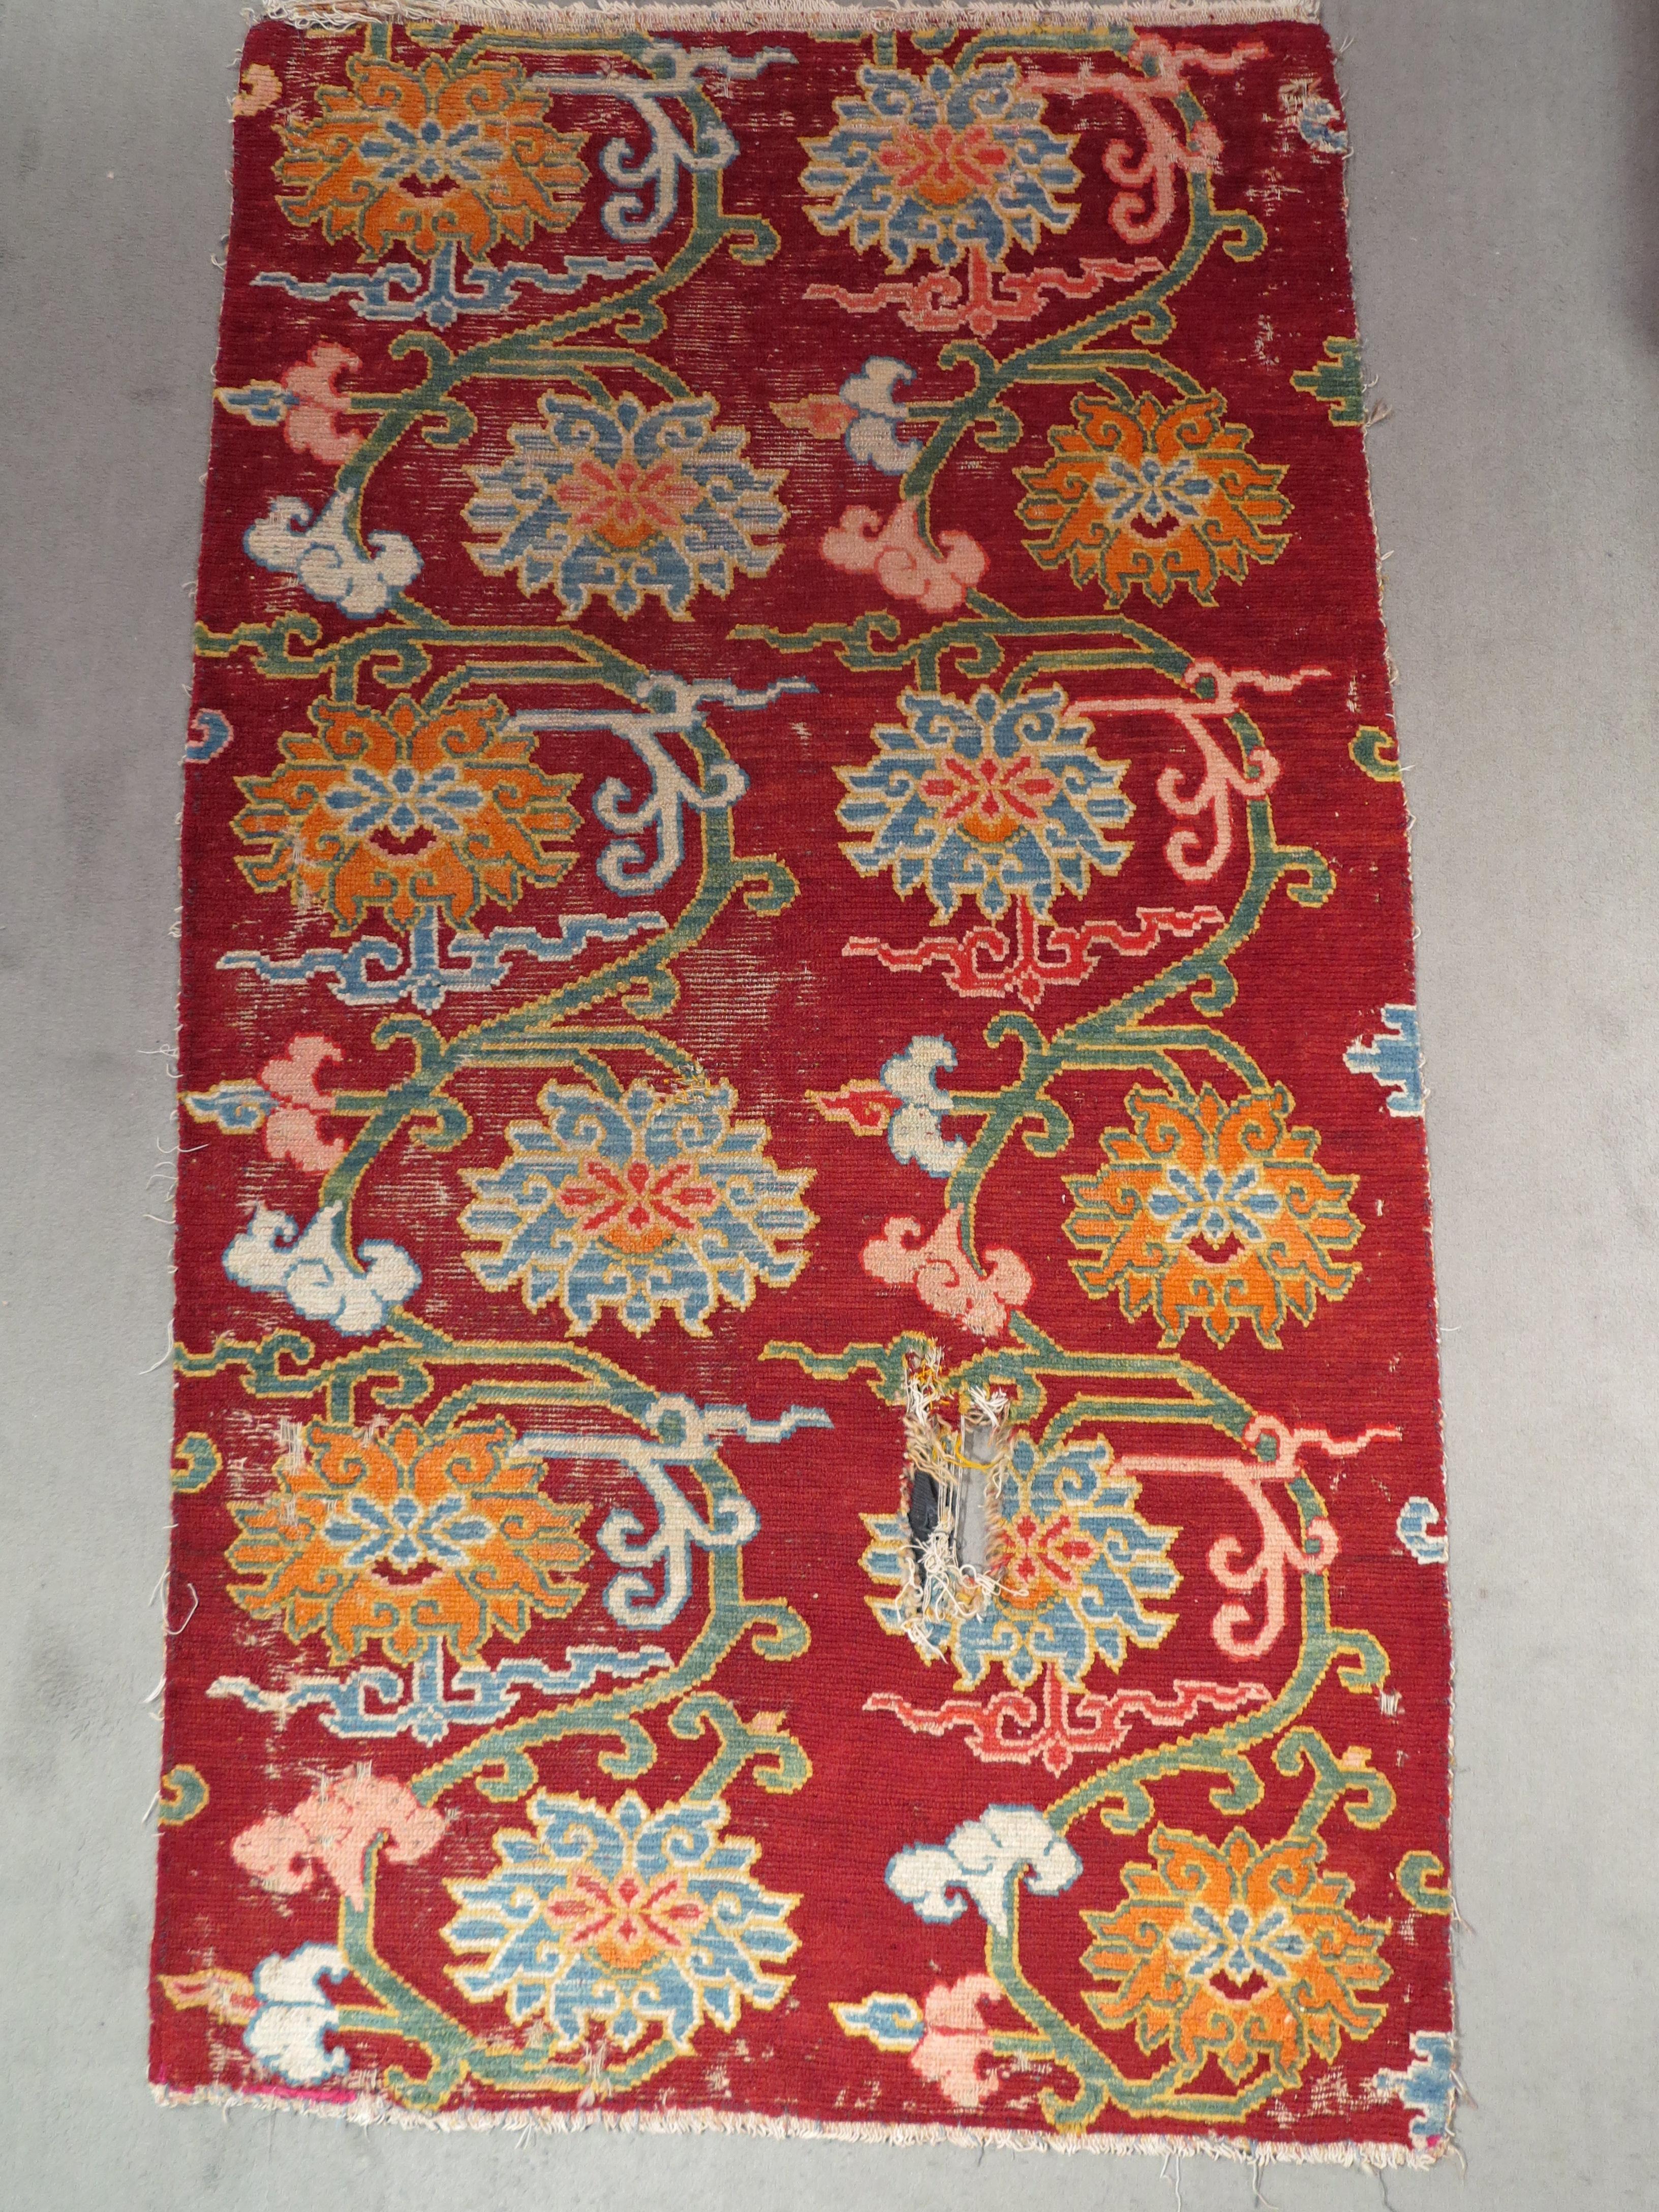 tibetan lotus khaden, cm 158x89